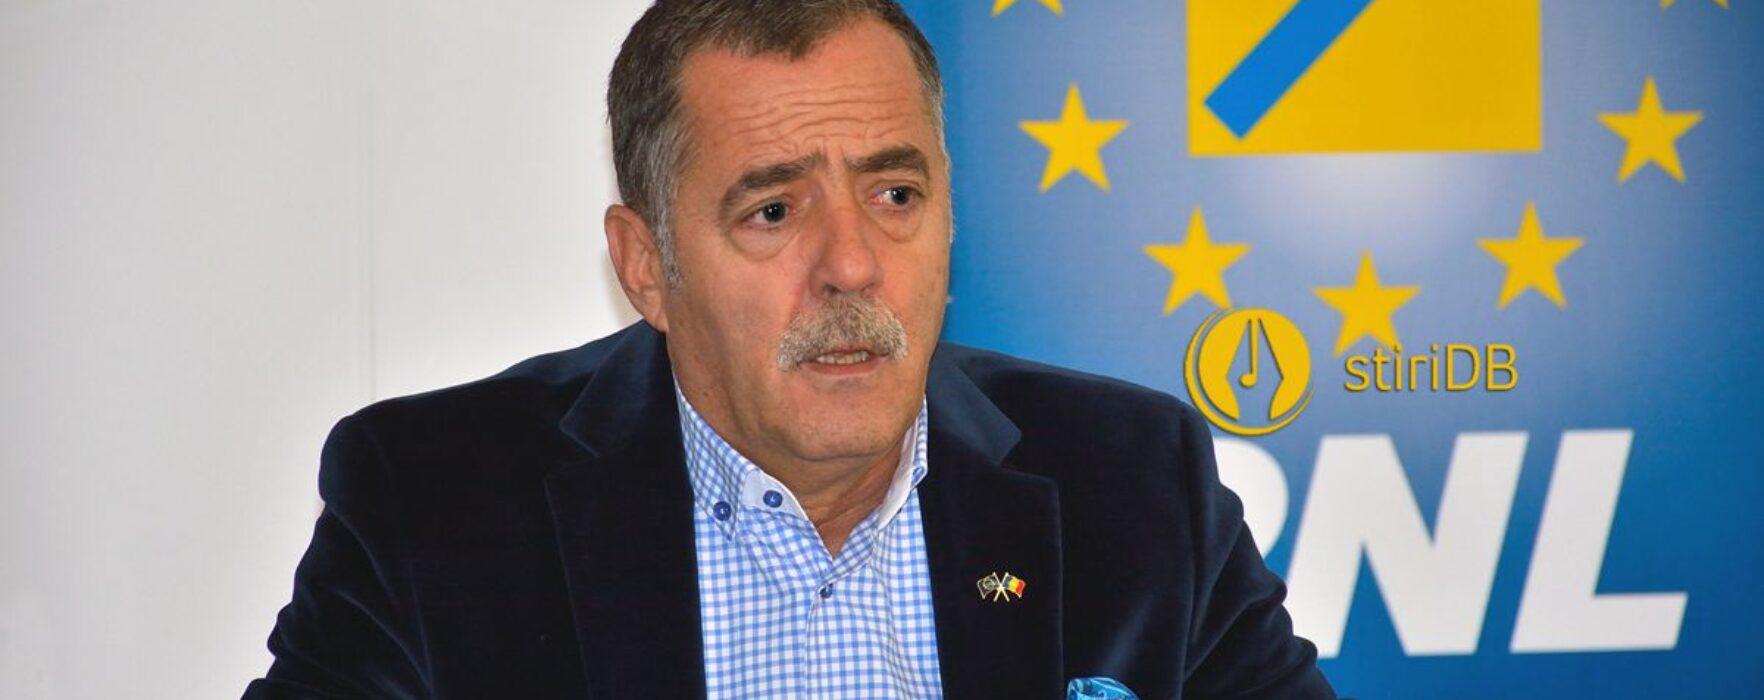 Cezar Preda, PNL: Premierul a prezentat în Parlament măsurile de relansare economică